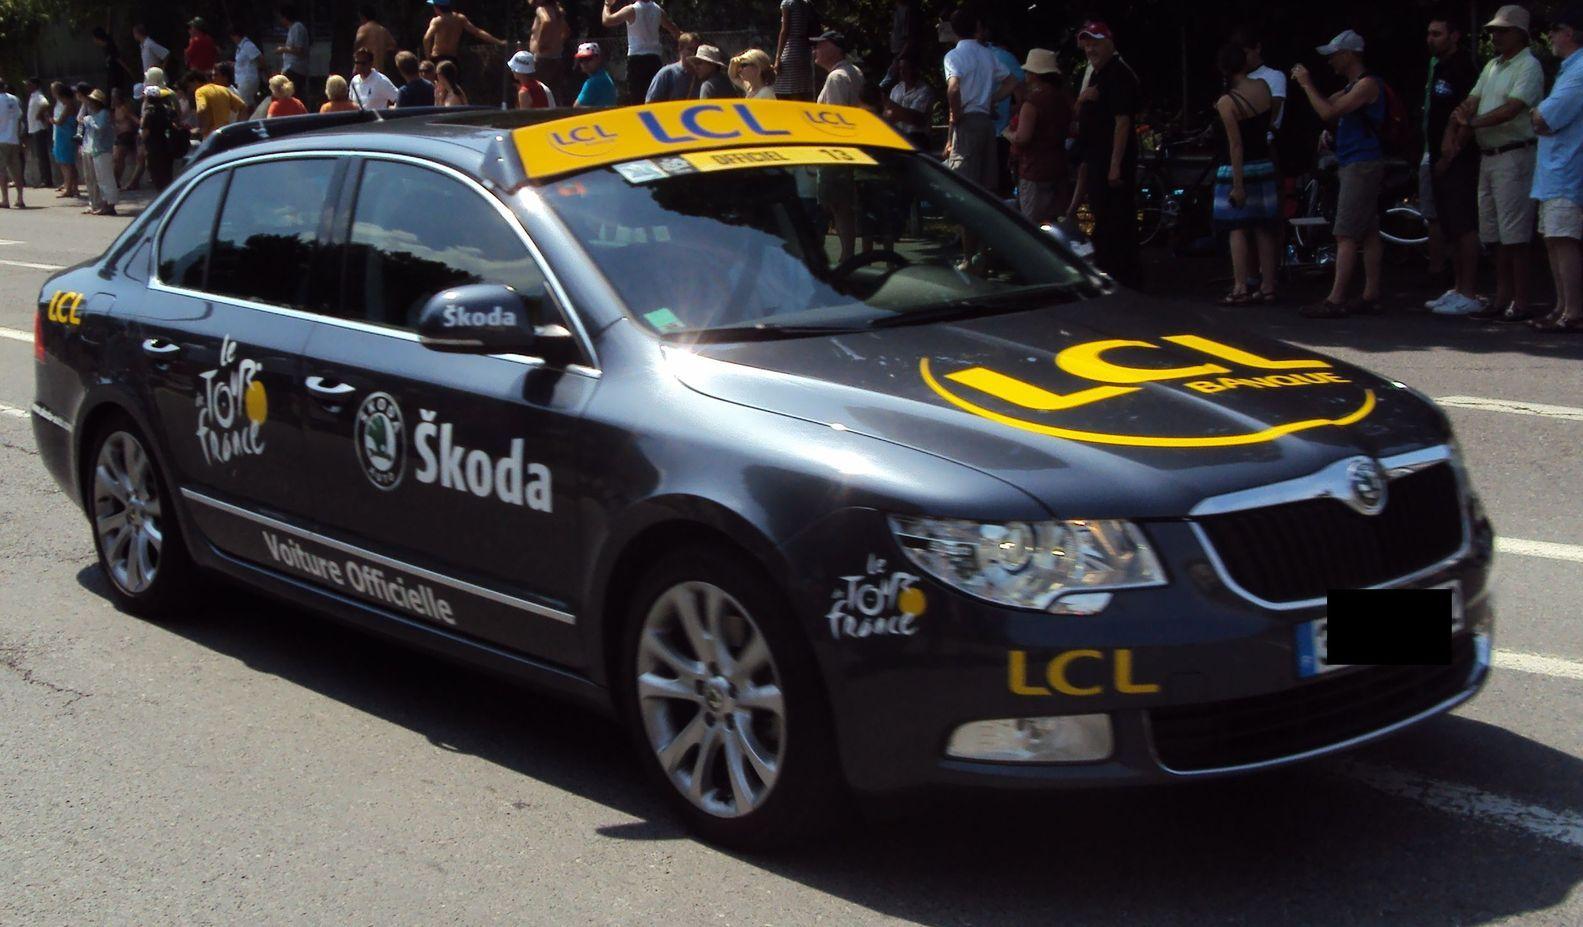 skoda tour de france ete 2010 lcl voiture de tourisme skoda cz autoalmanach partage de. Black Bedroom Furniture Sets. Home Design Ideas